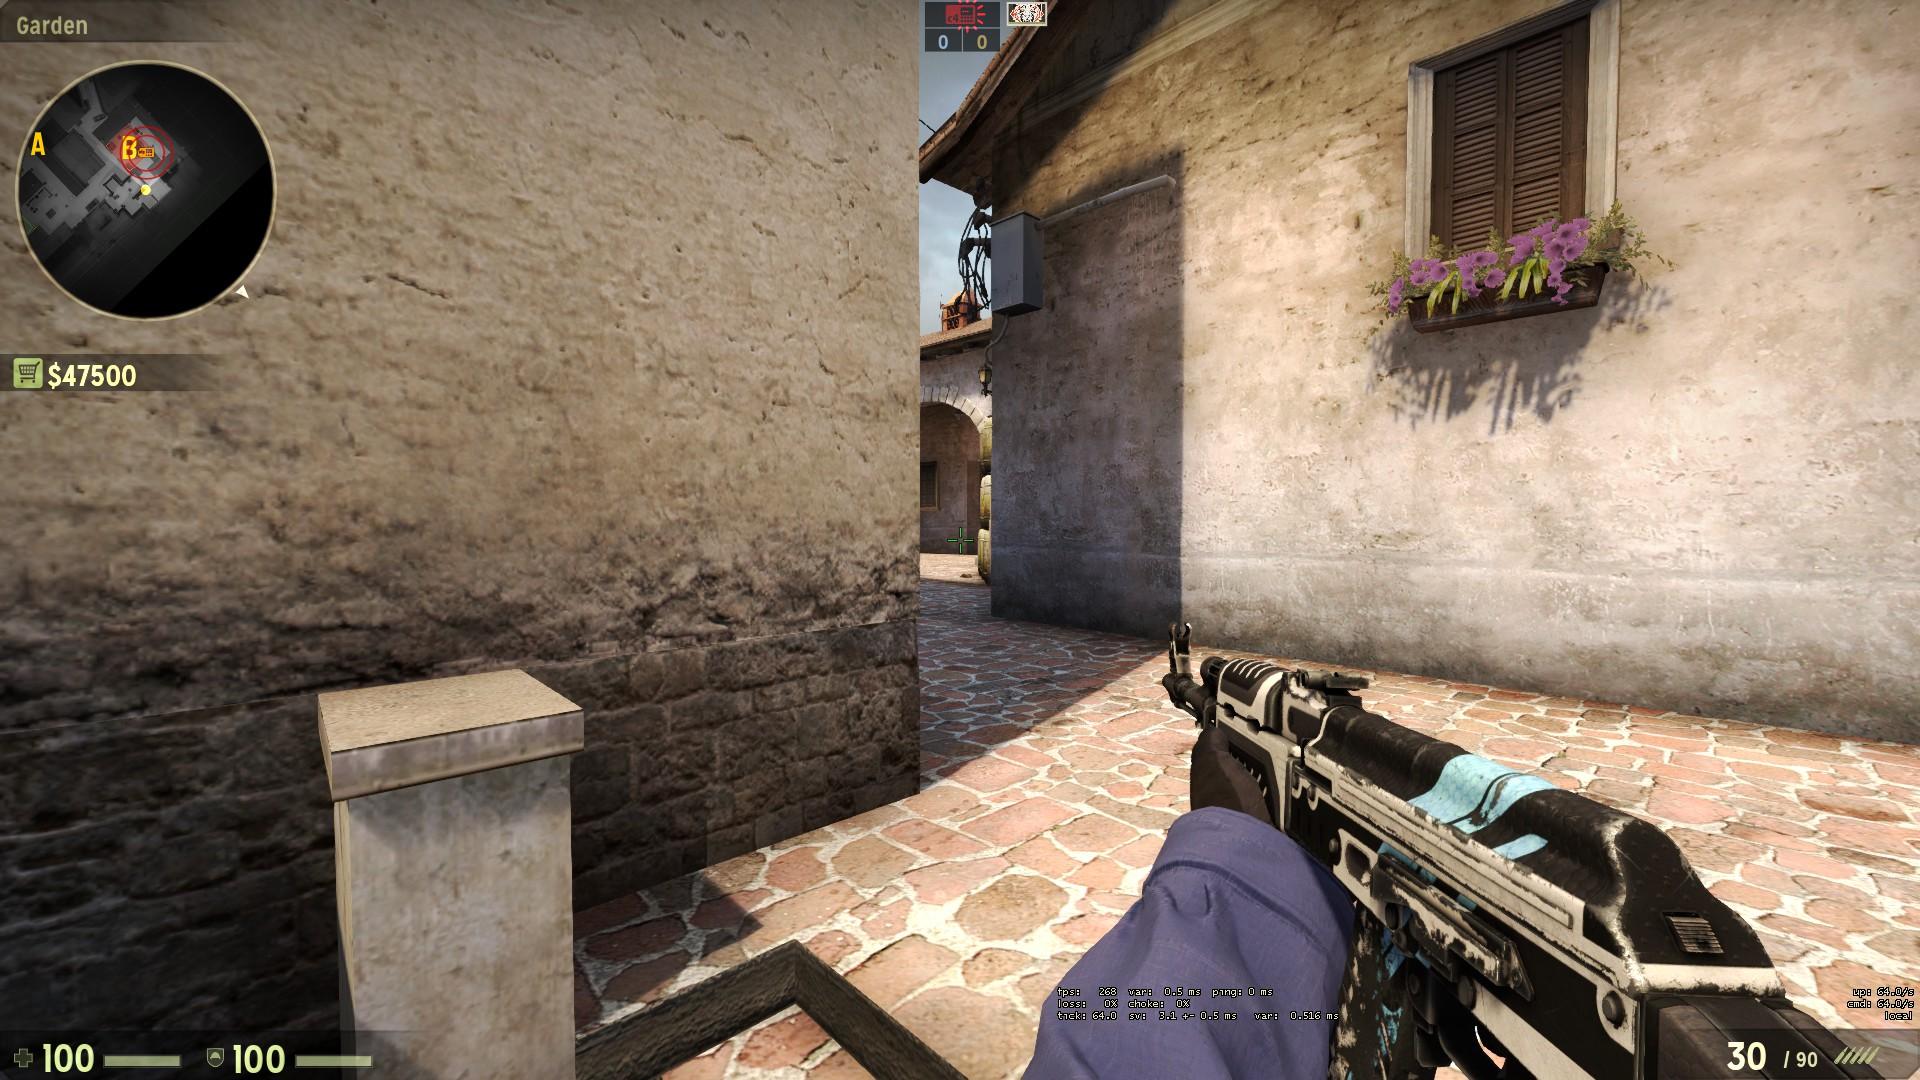 Как правильно ставить бомбу в cs go